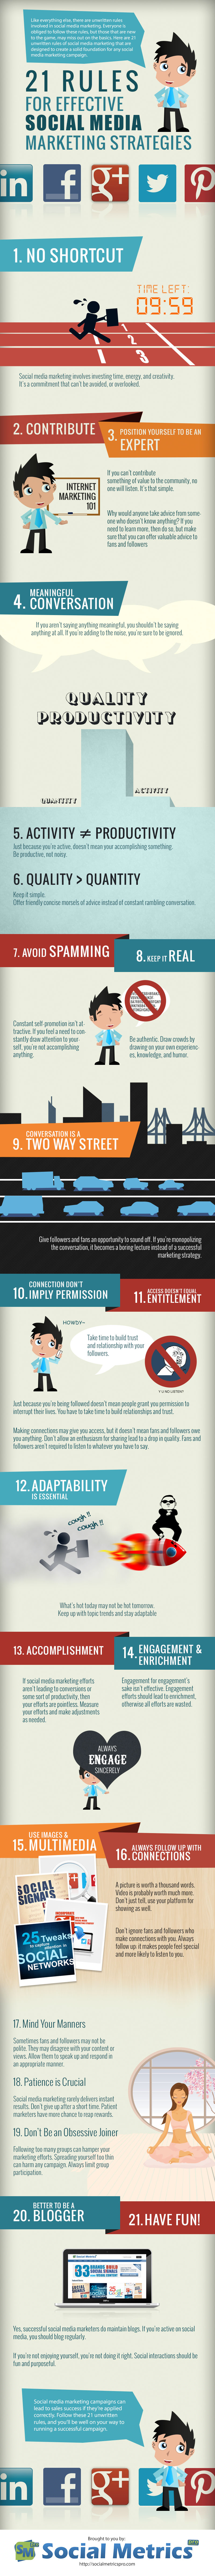 El marketing en redes sociales (infografía)